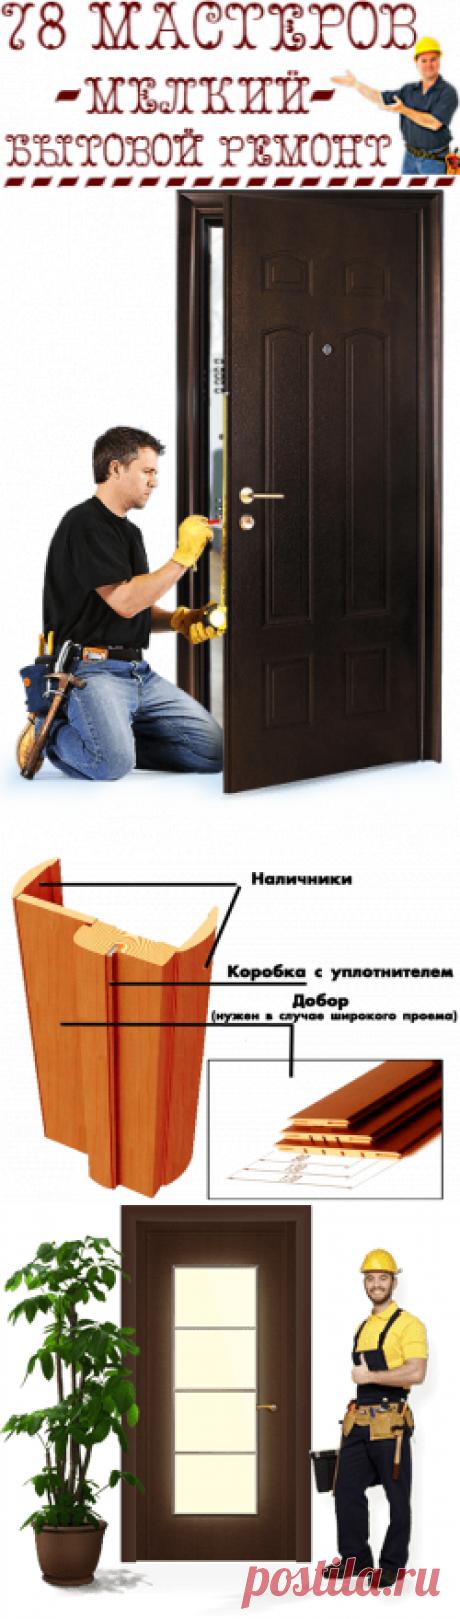 Установка дверей - в Санкт-Петербурге | 78 Мастеров | Мелкий ремонт СПб | Муж на час СПб